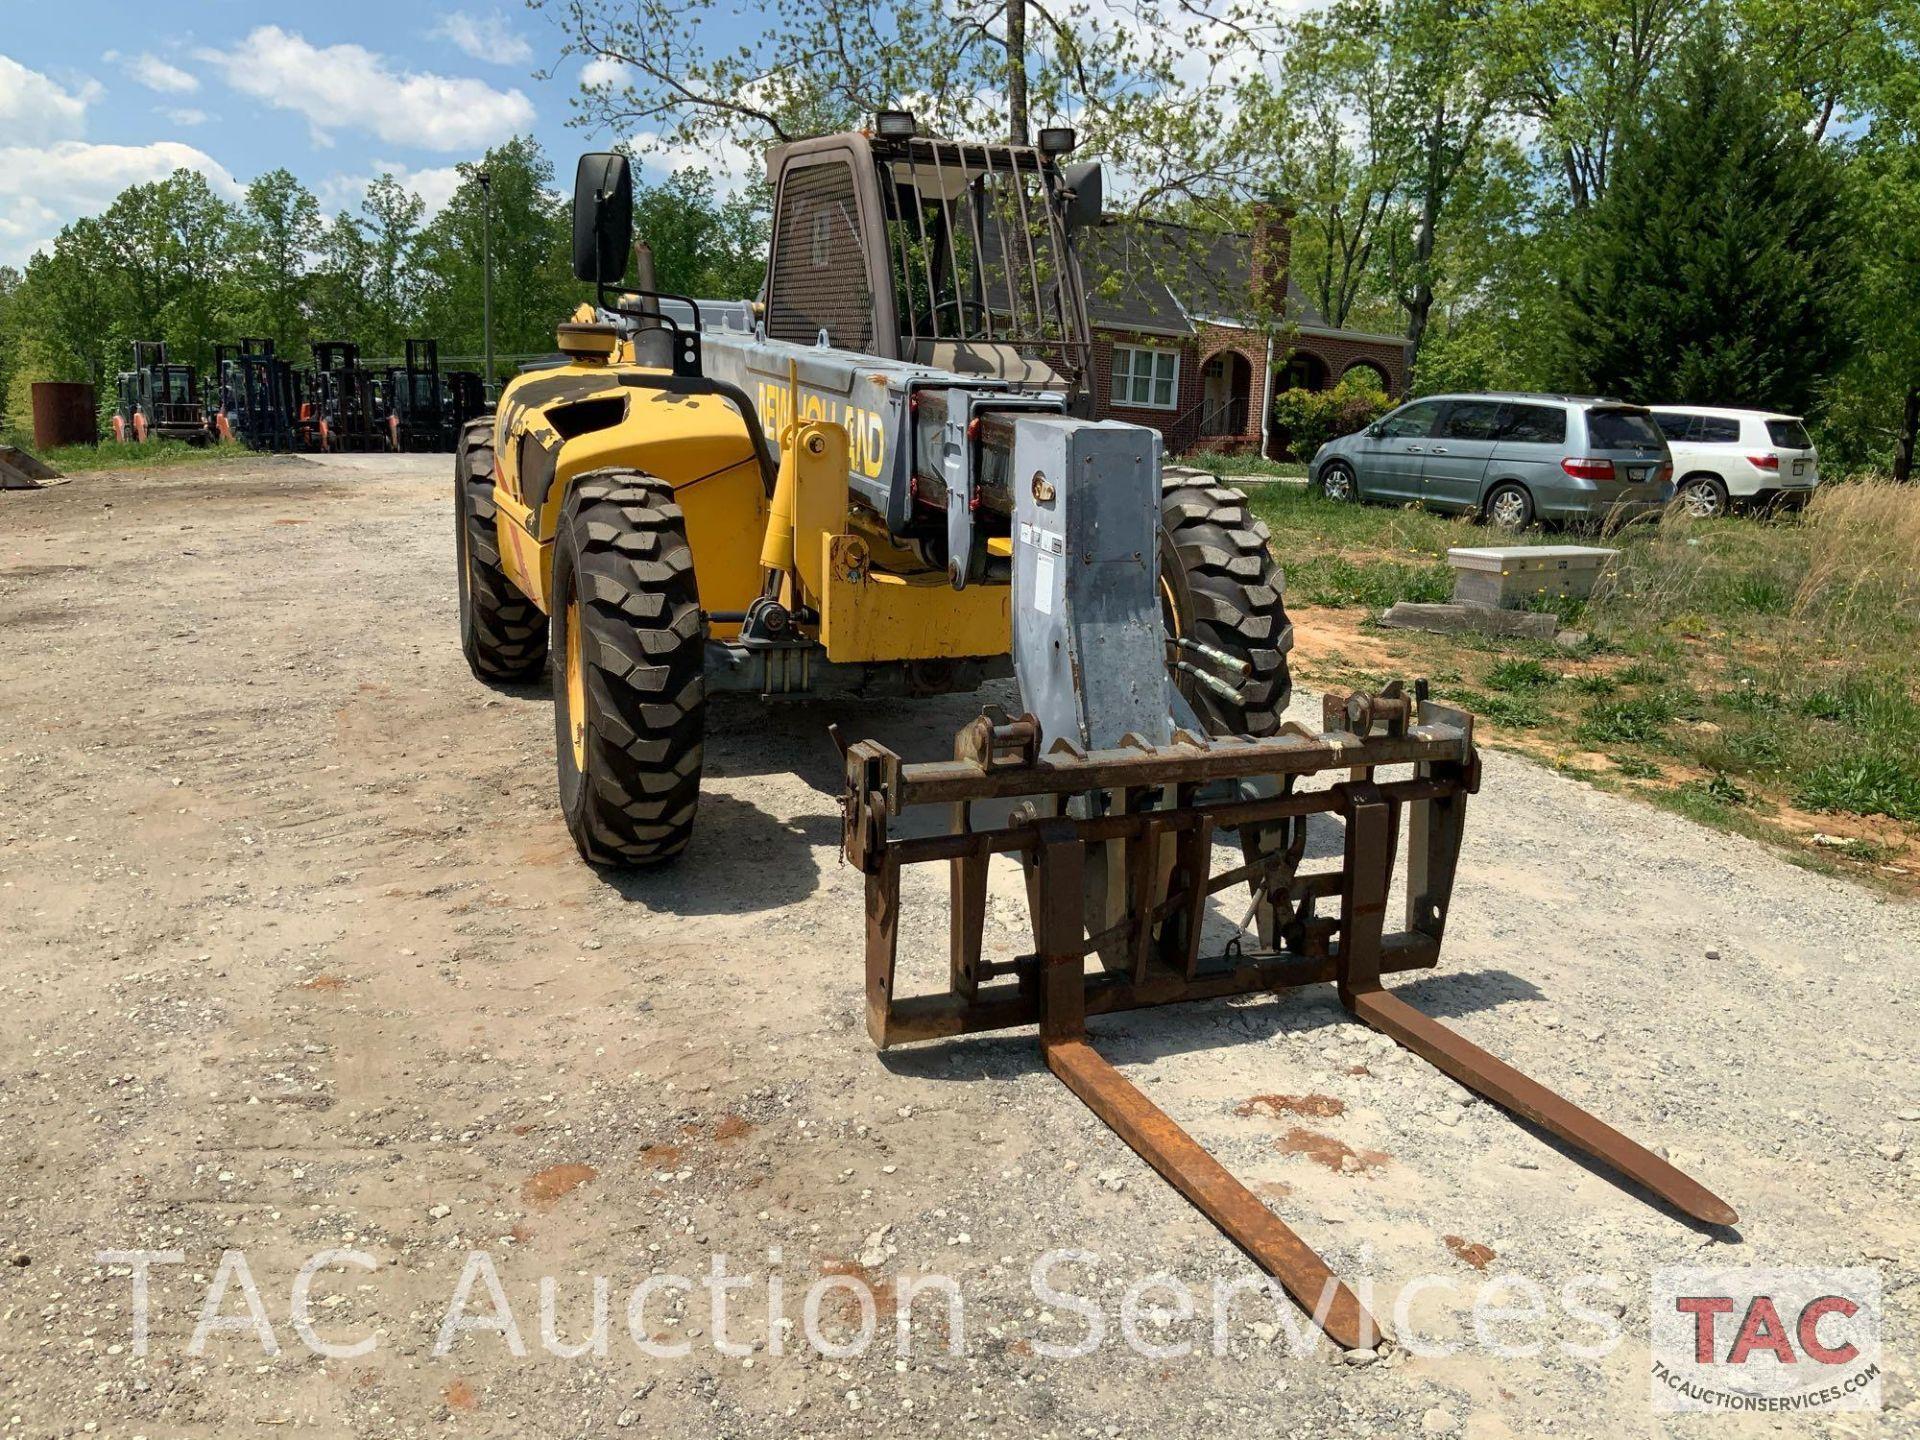 1999 New Holland LM840 Telehandler Forklift - Image 3 of 25